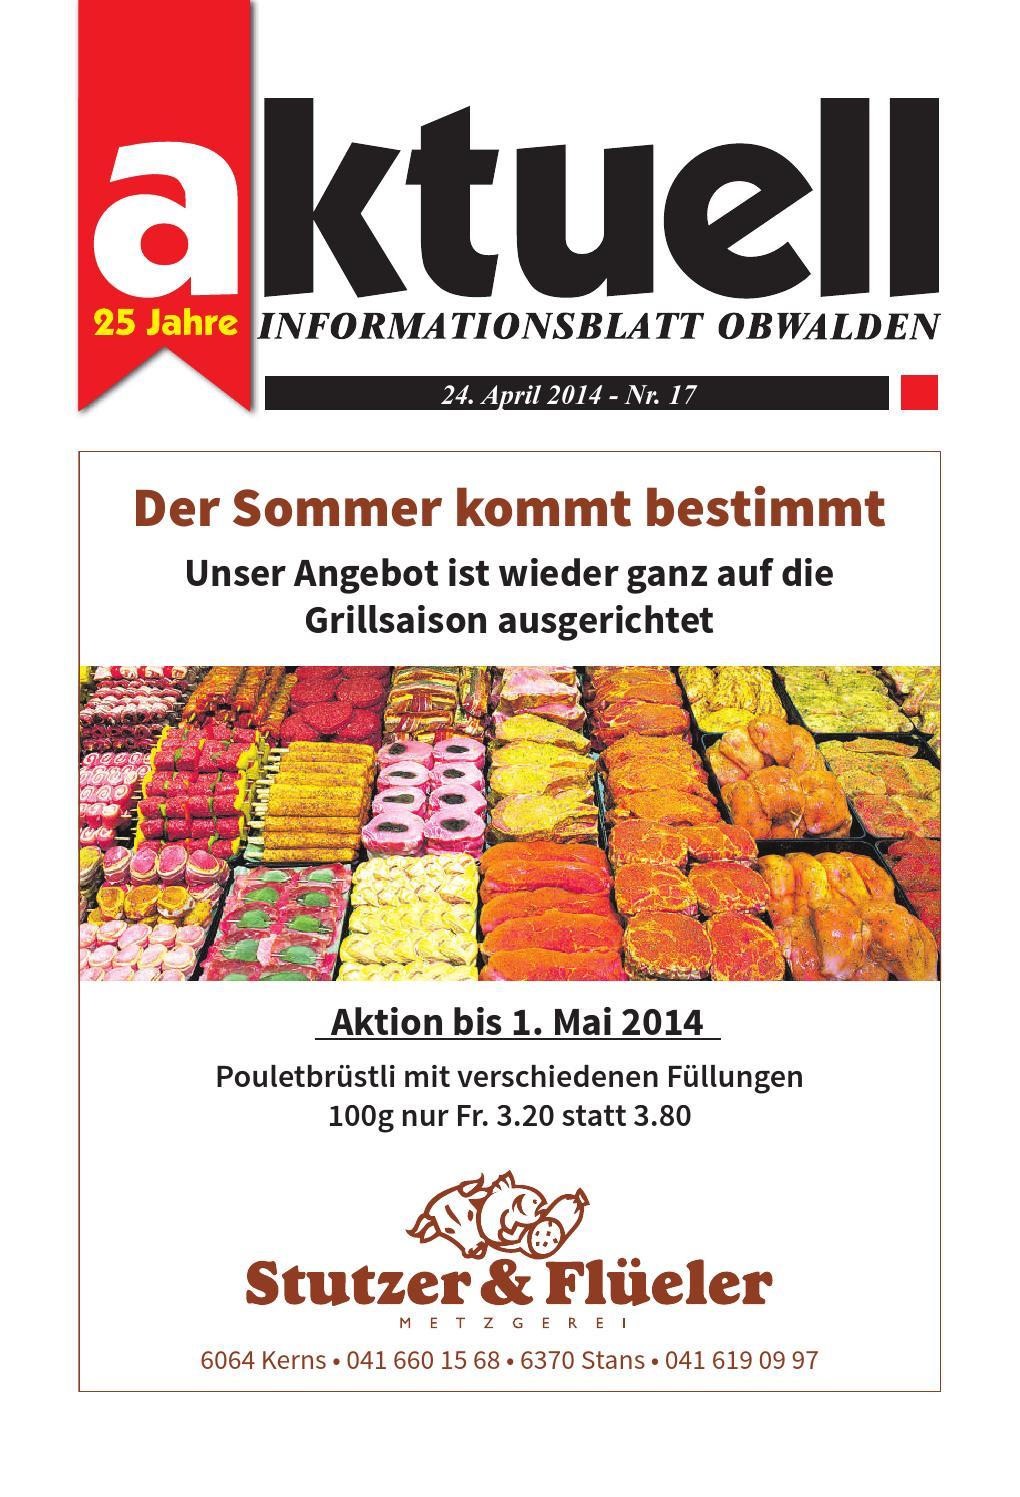 Alte Holzleiter Kaufen Frisch Aktuell Obwalden Nr 17 2014 by Aktuell Obwalden Ag issuu